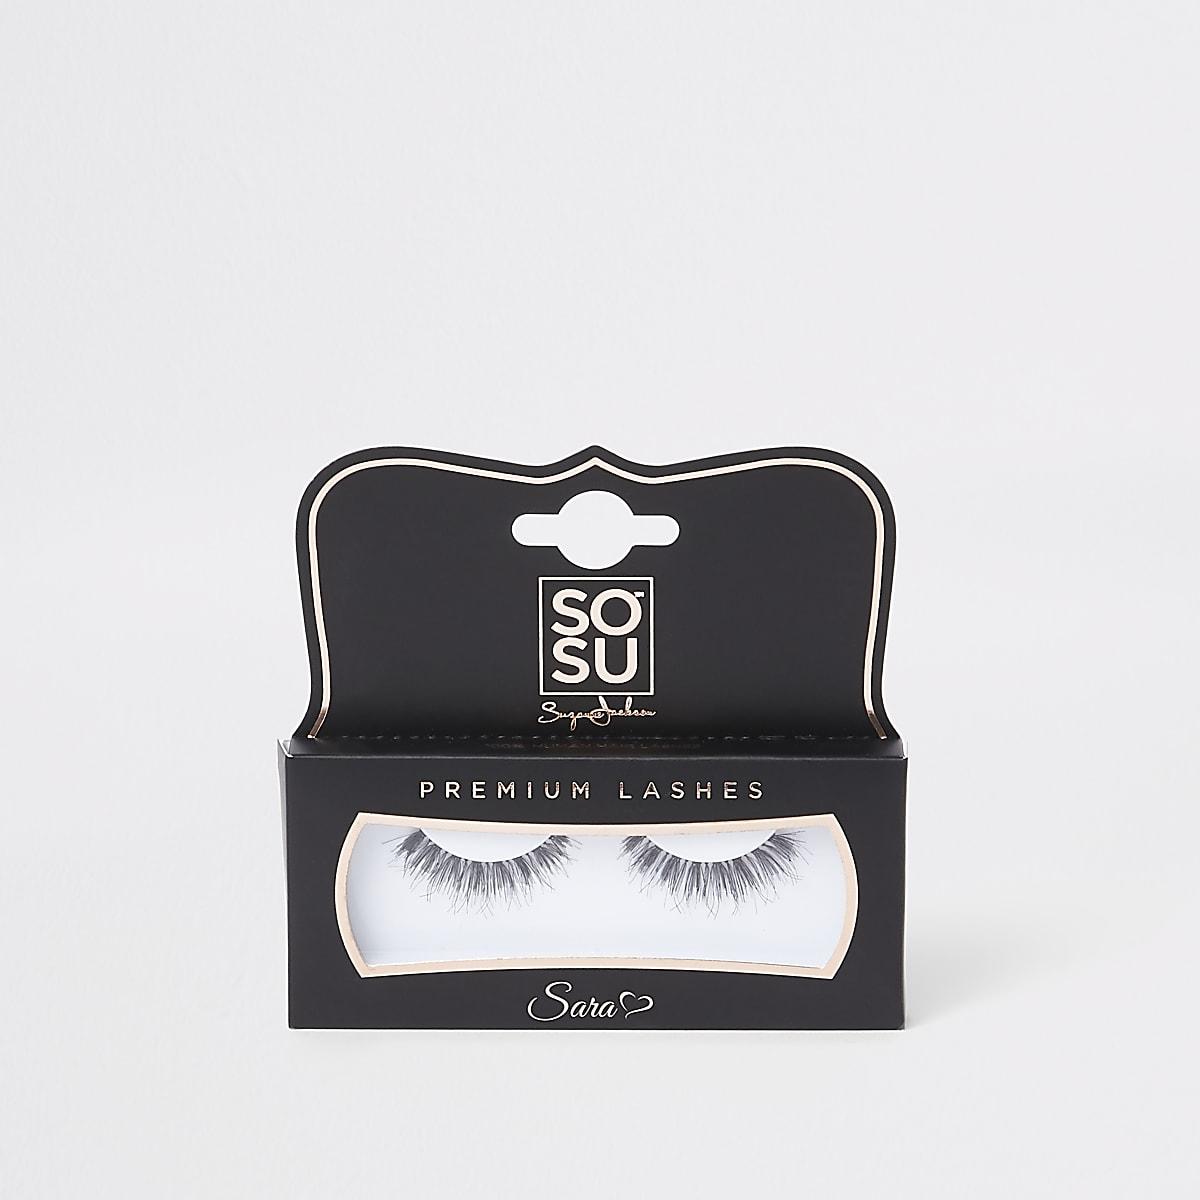 SOSUbySJ Premium Sara false eyelashes